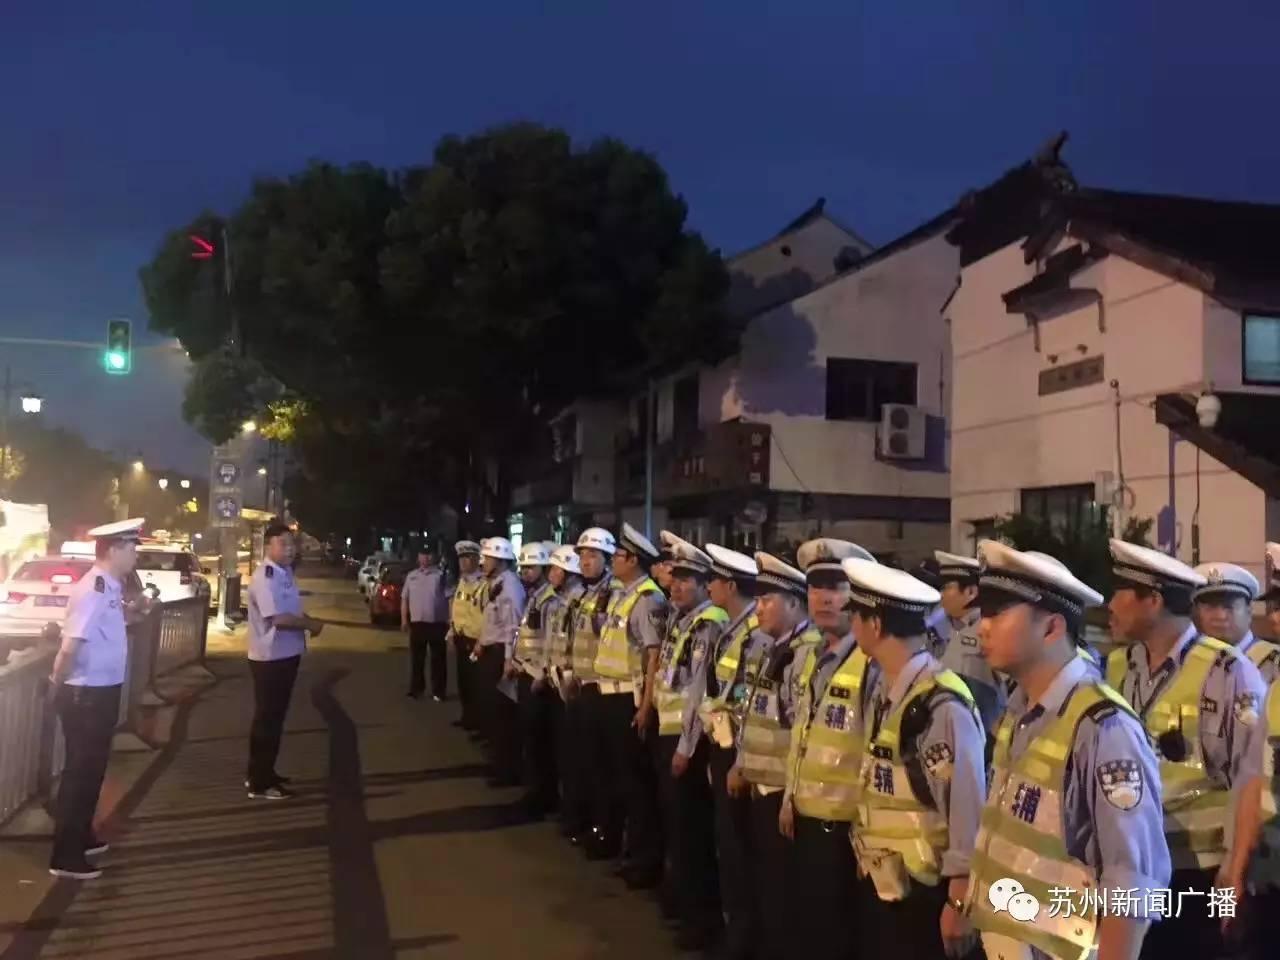 今天凌晨4:30分,姑苏交警有大动作!近百名交警辅警上街!!原